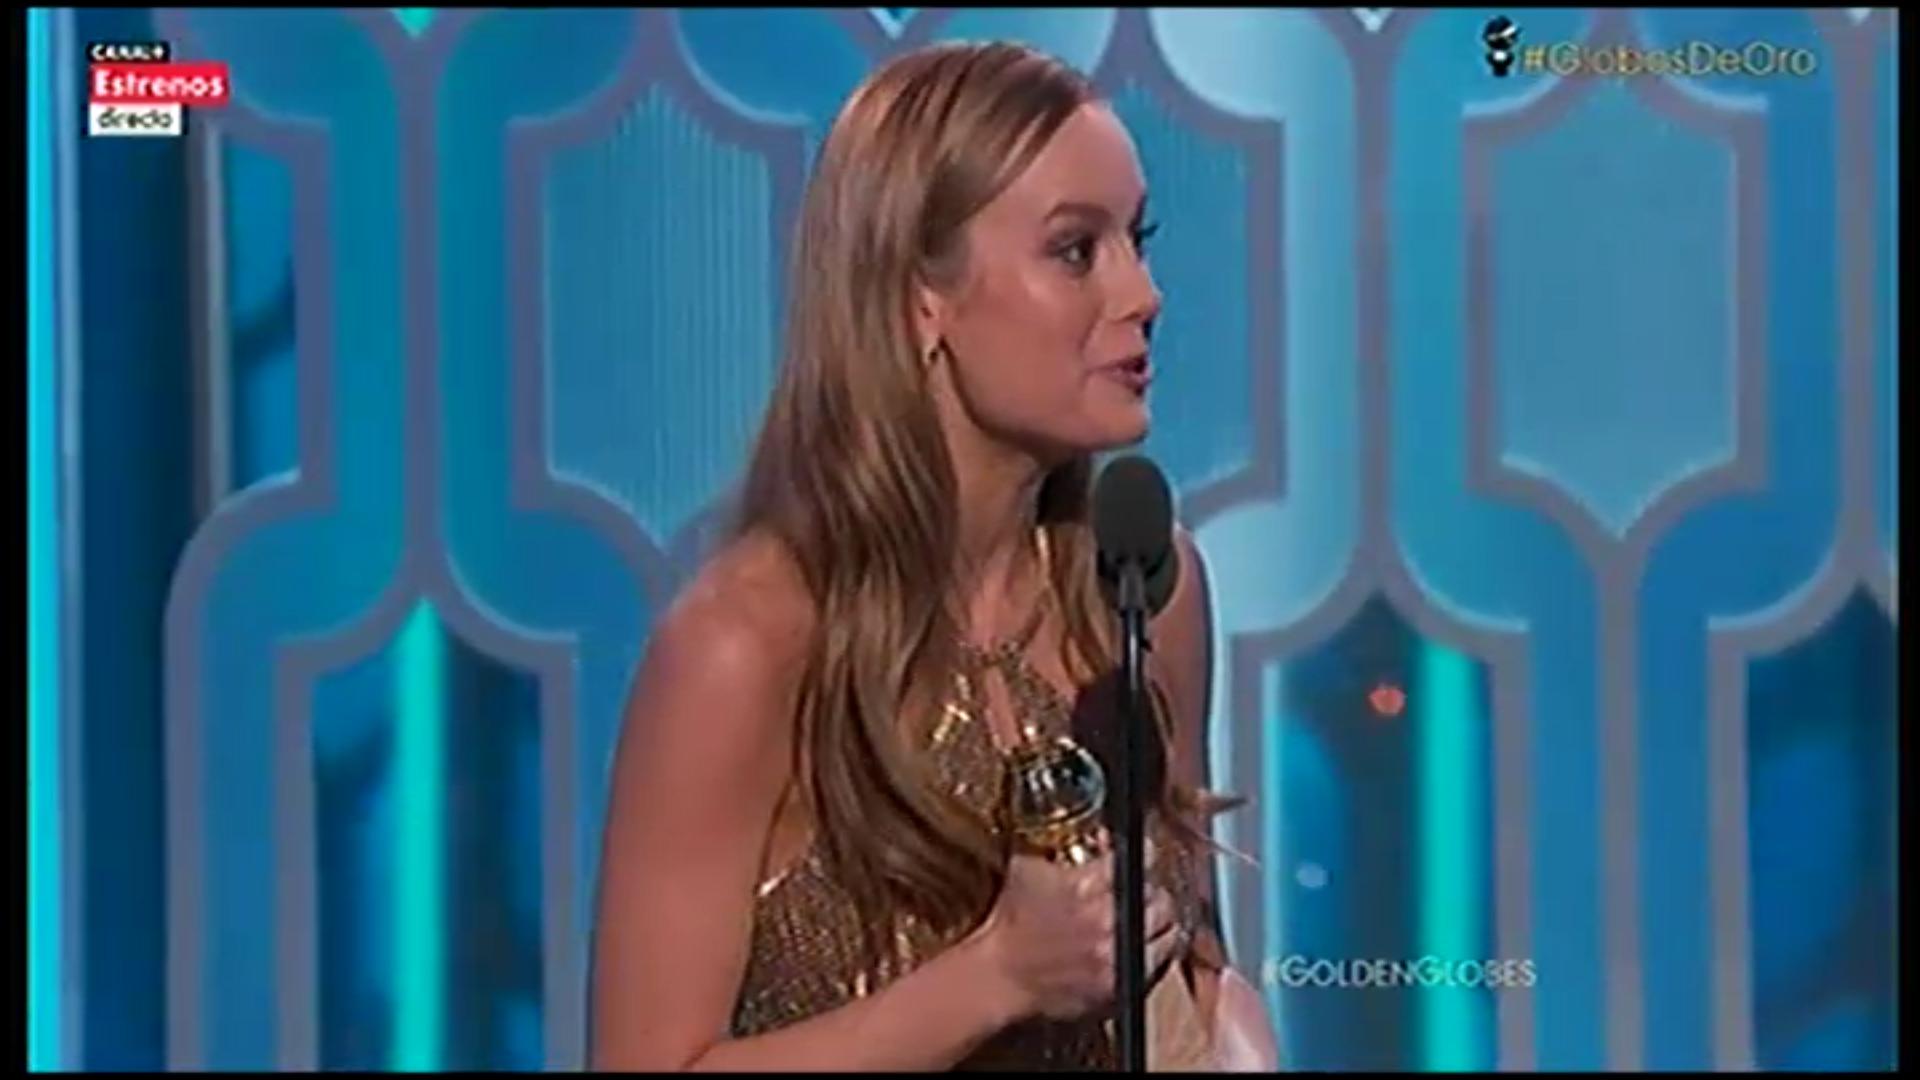 La actriz Brie Larson recoge el Globo de Oro por 'La habitación'